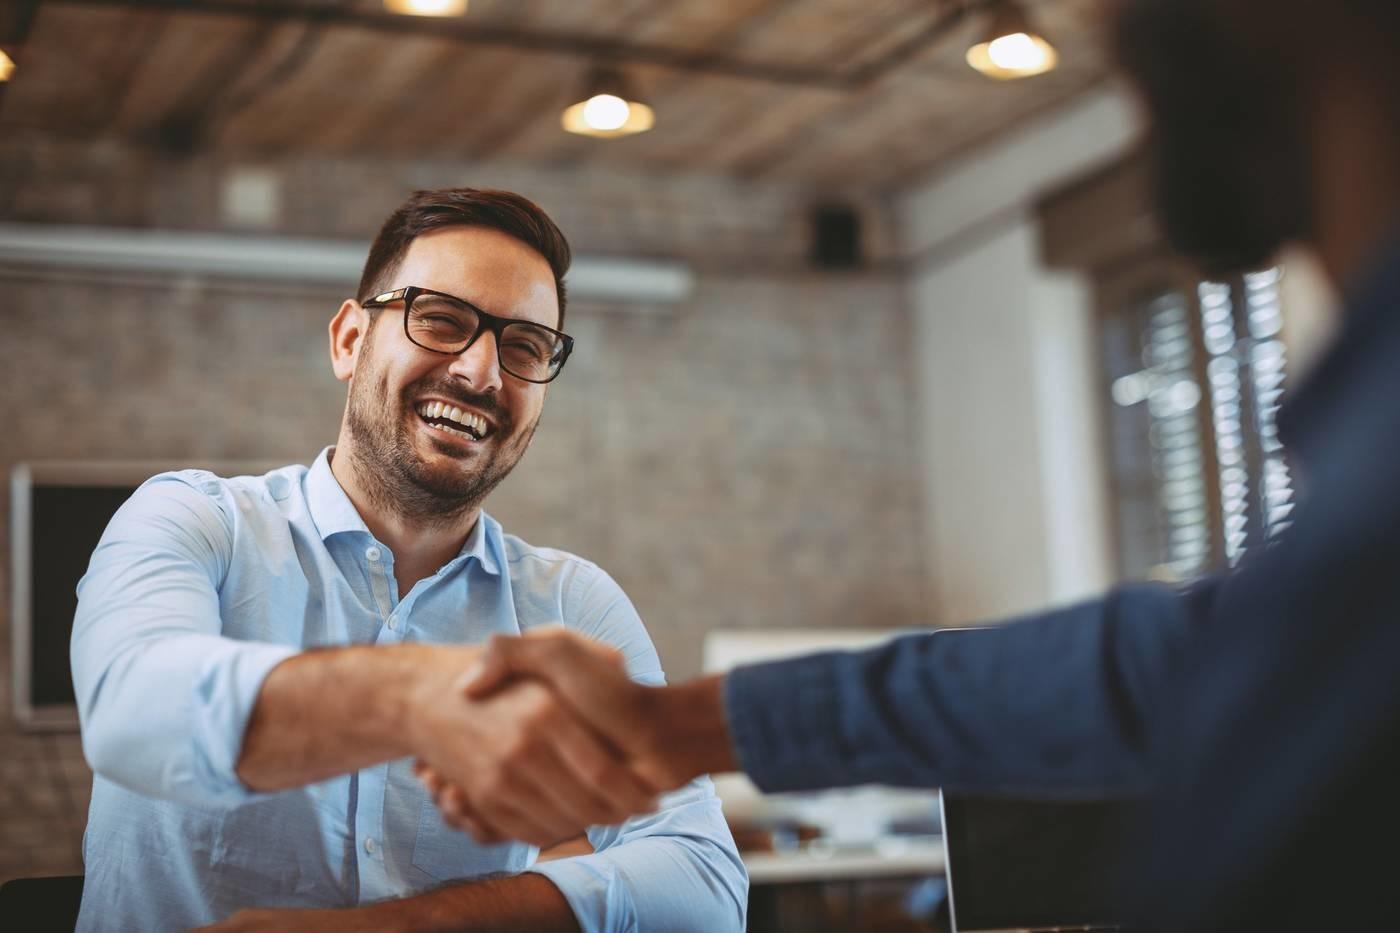 vijf-onuitgesproken-regels-voor-het-perfecte-verkoopgesprek